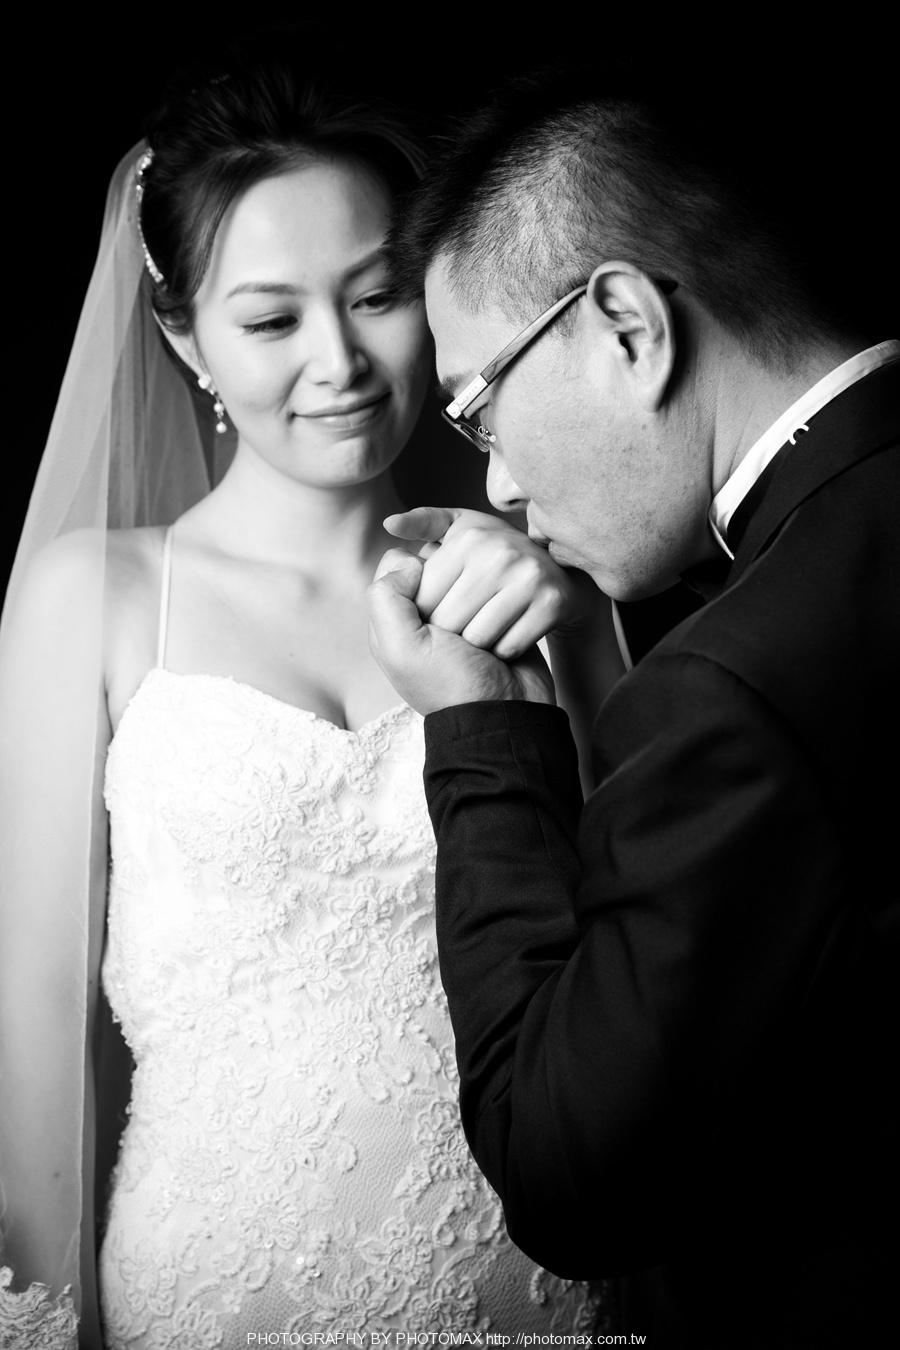 周甜 PHOTO MAX 婚纱摄影 PHOTOMAX 老麦摄影 (9)